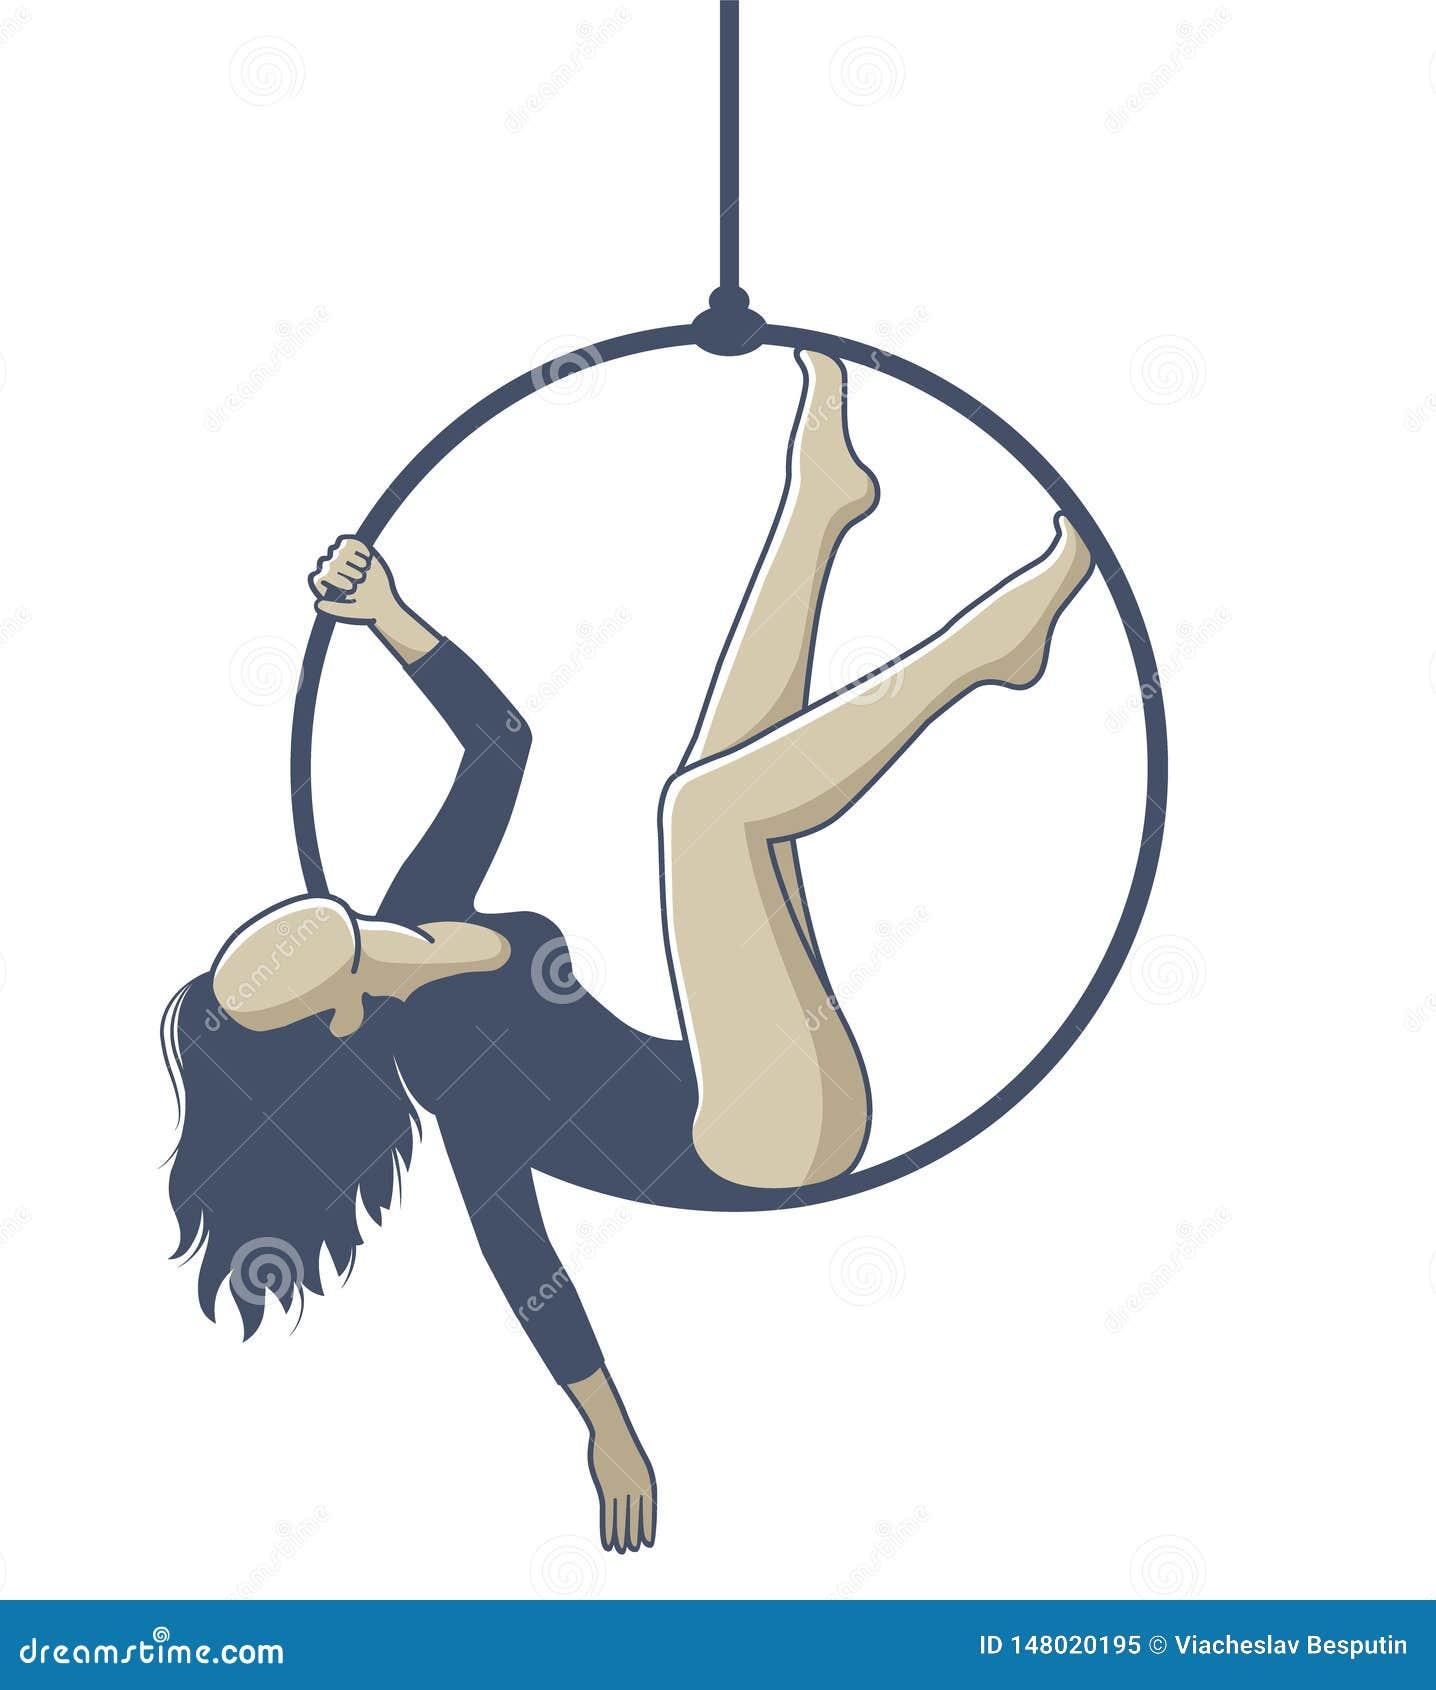 Meisje op een hoepel die op een kabel hangen en oefening doen